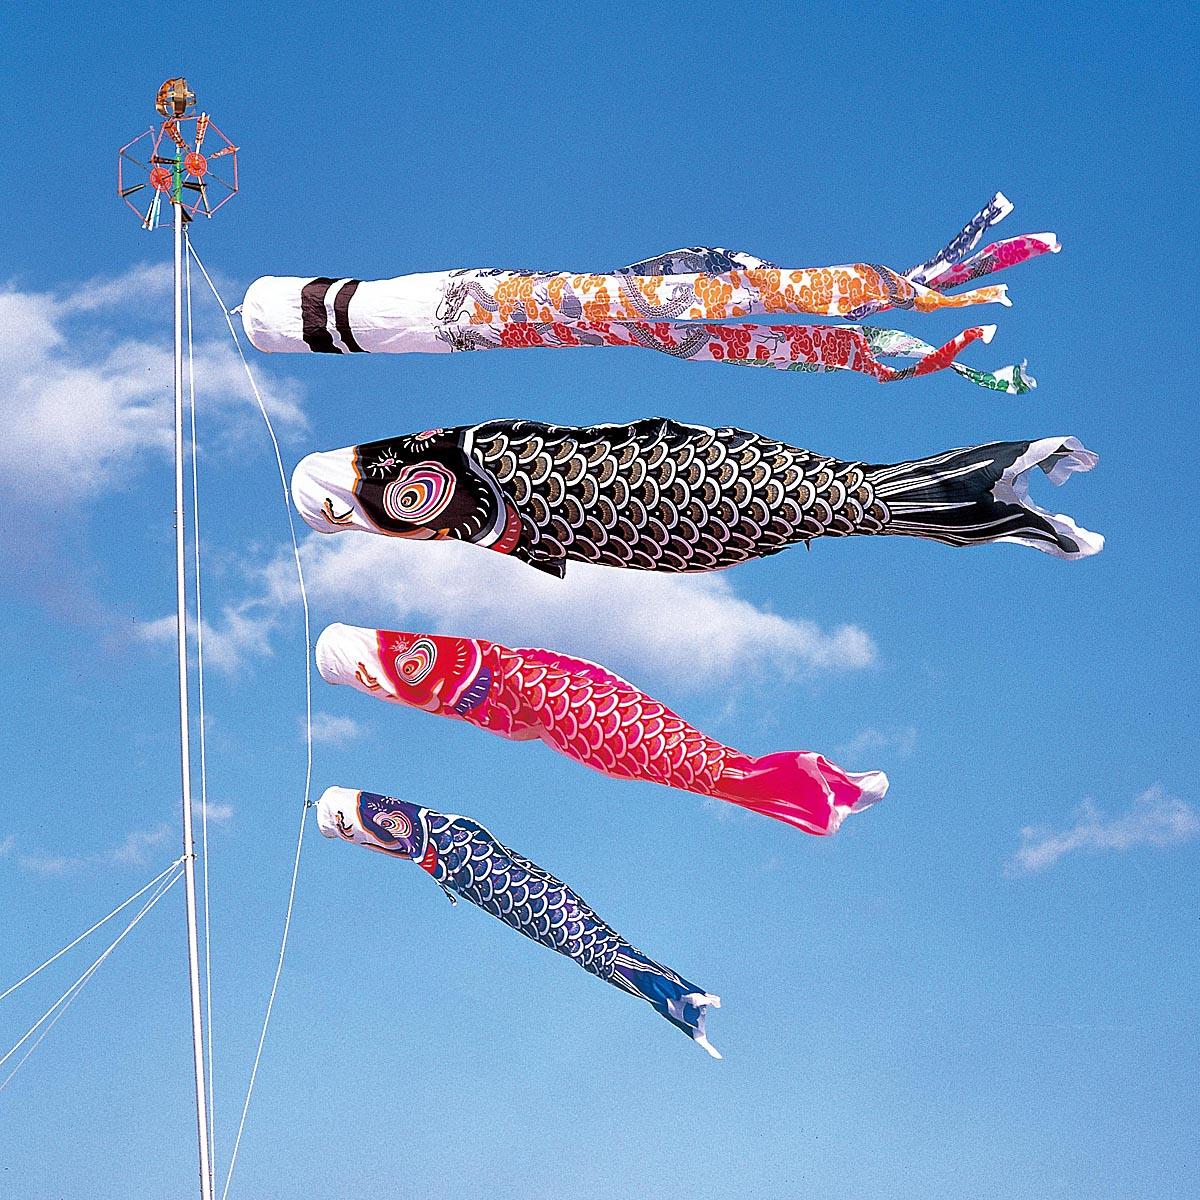 こいのぼり 庭用 さんさん鯉 5m 6点 (矢車、ロープ、吹流し、鯉3匹) 大型/ポール別売り ダイヤ鯉 KOD-O-734218